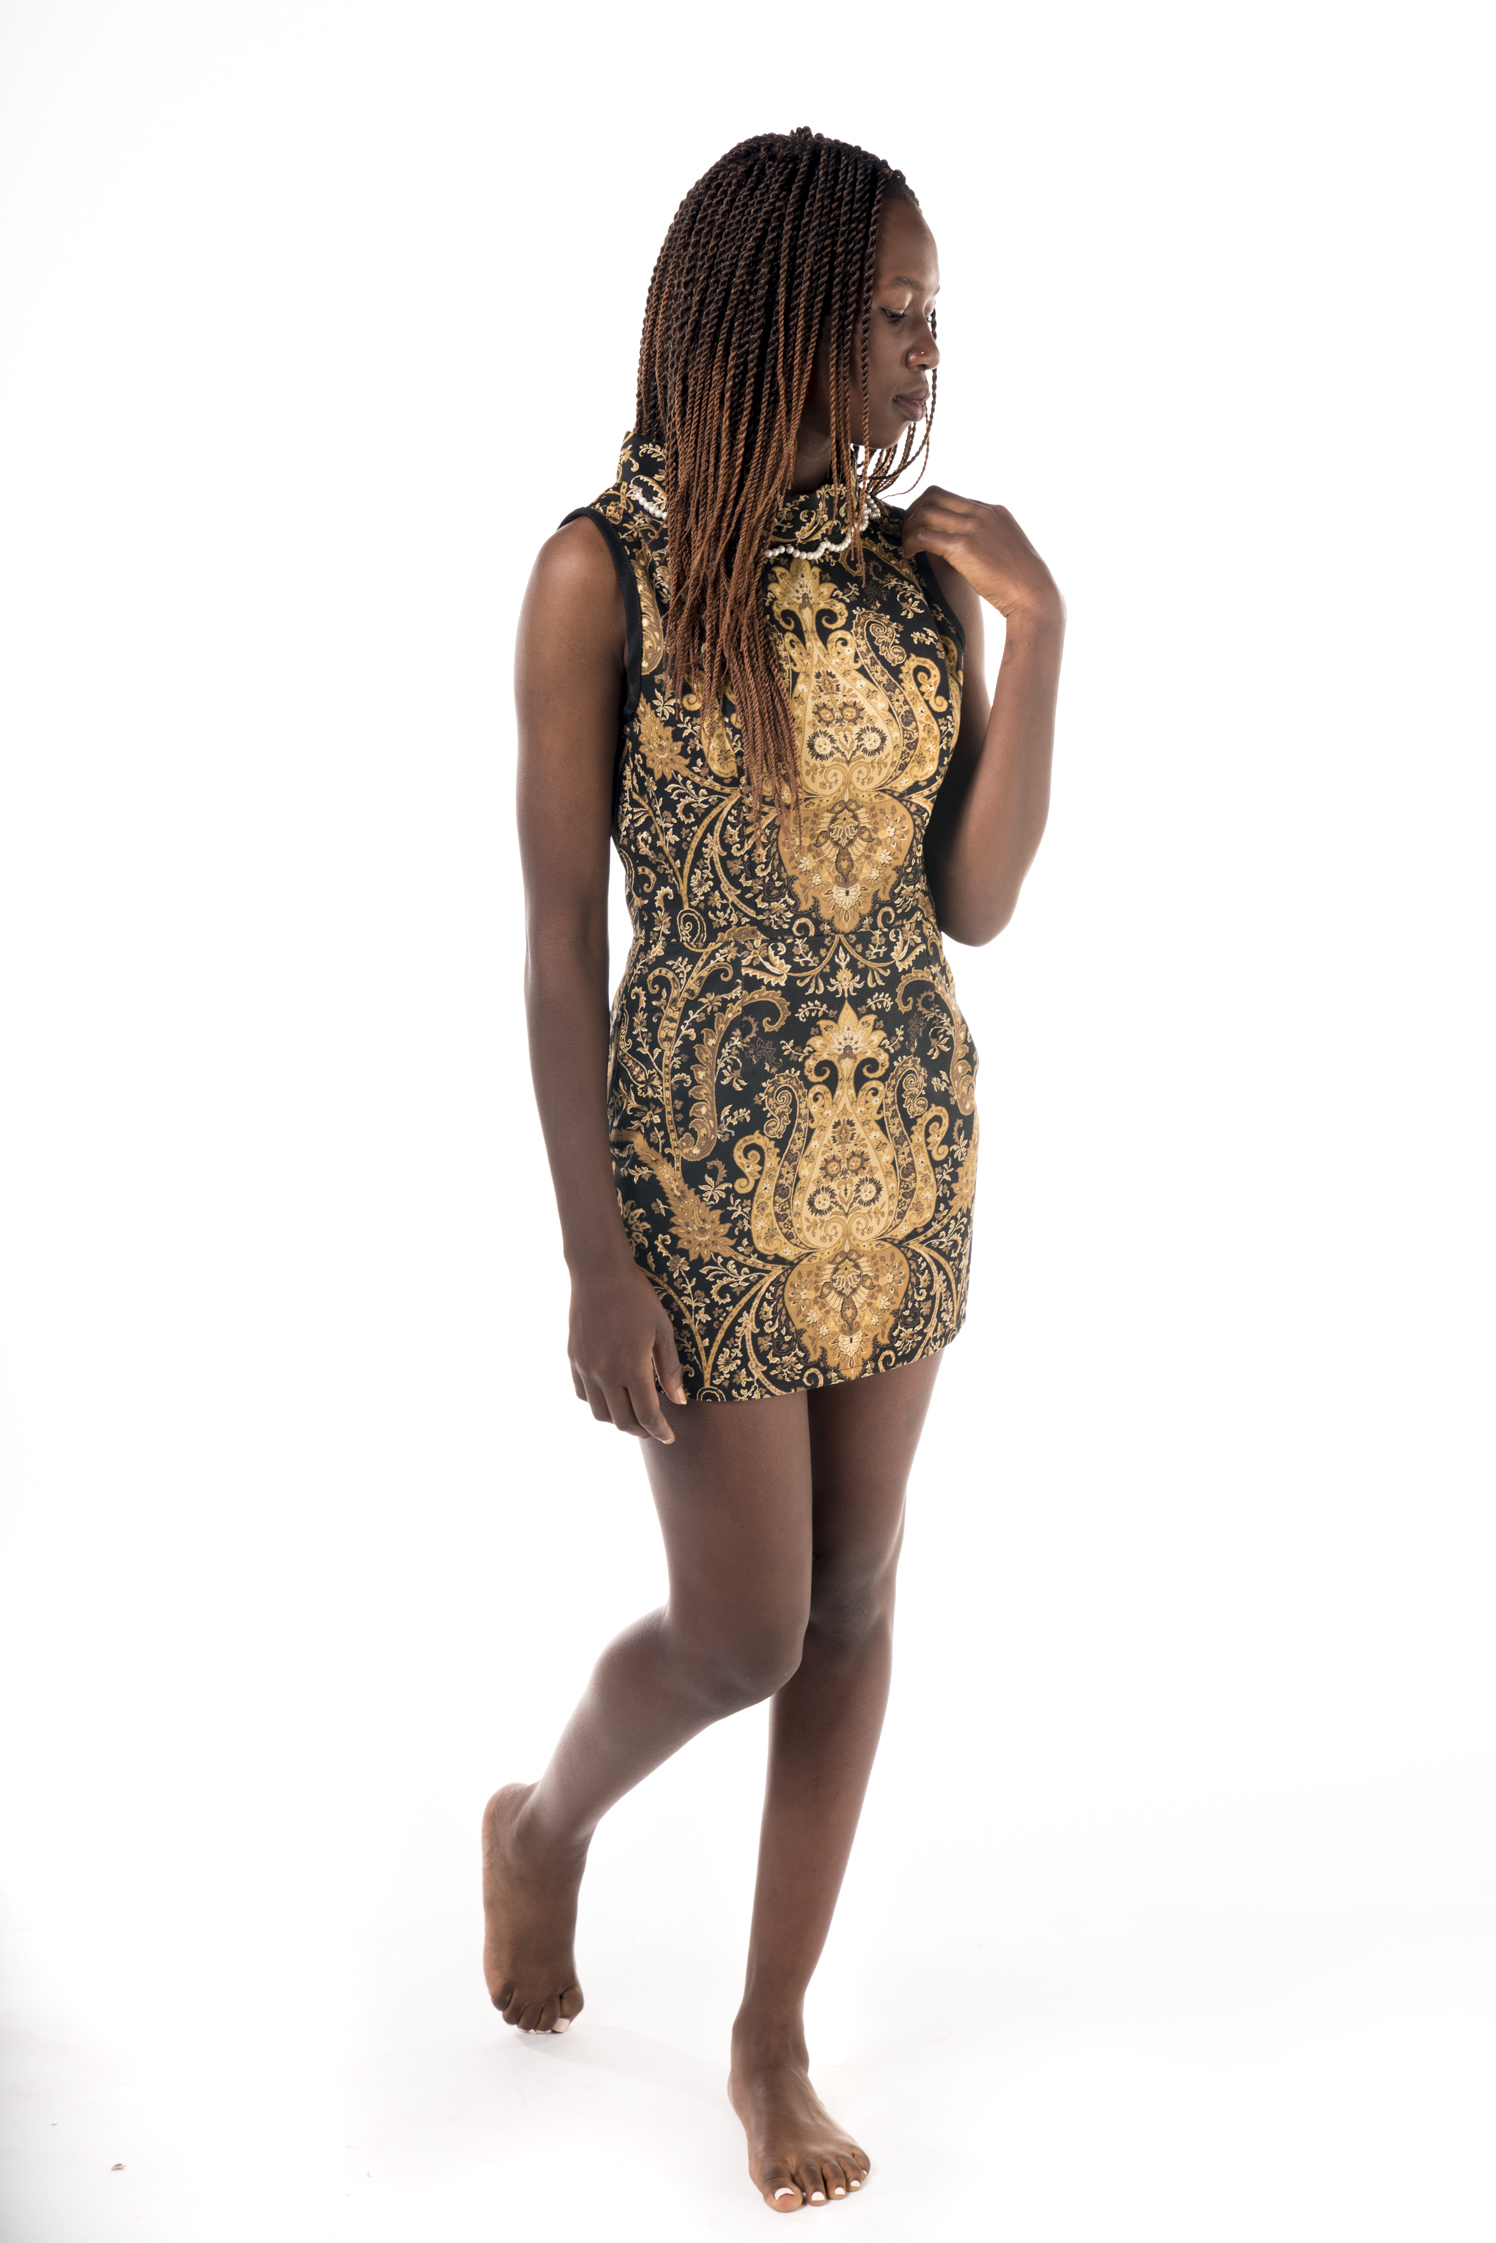 Dubay_Fashion_MinaSmithHodzik_WEB (44 of 89).jpg